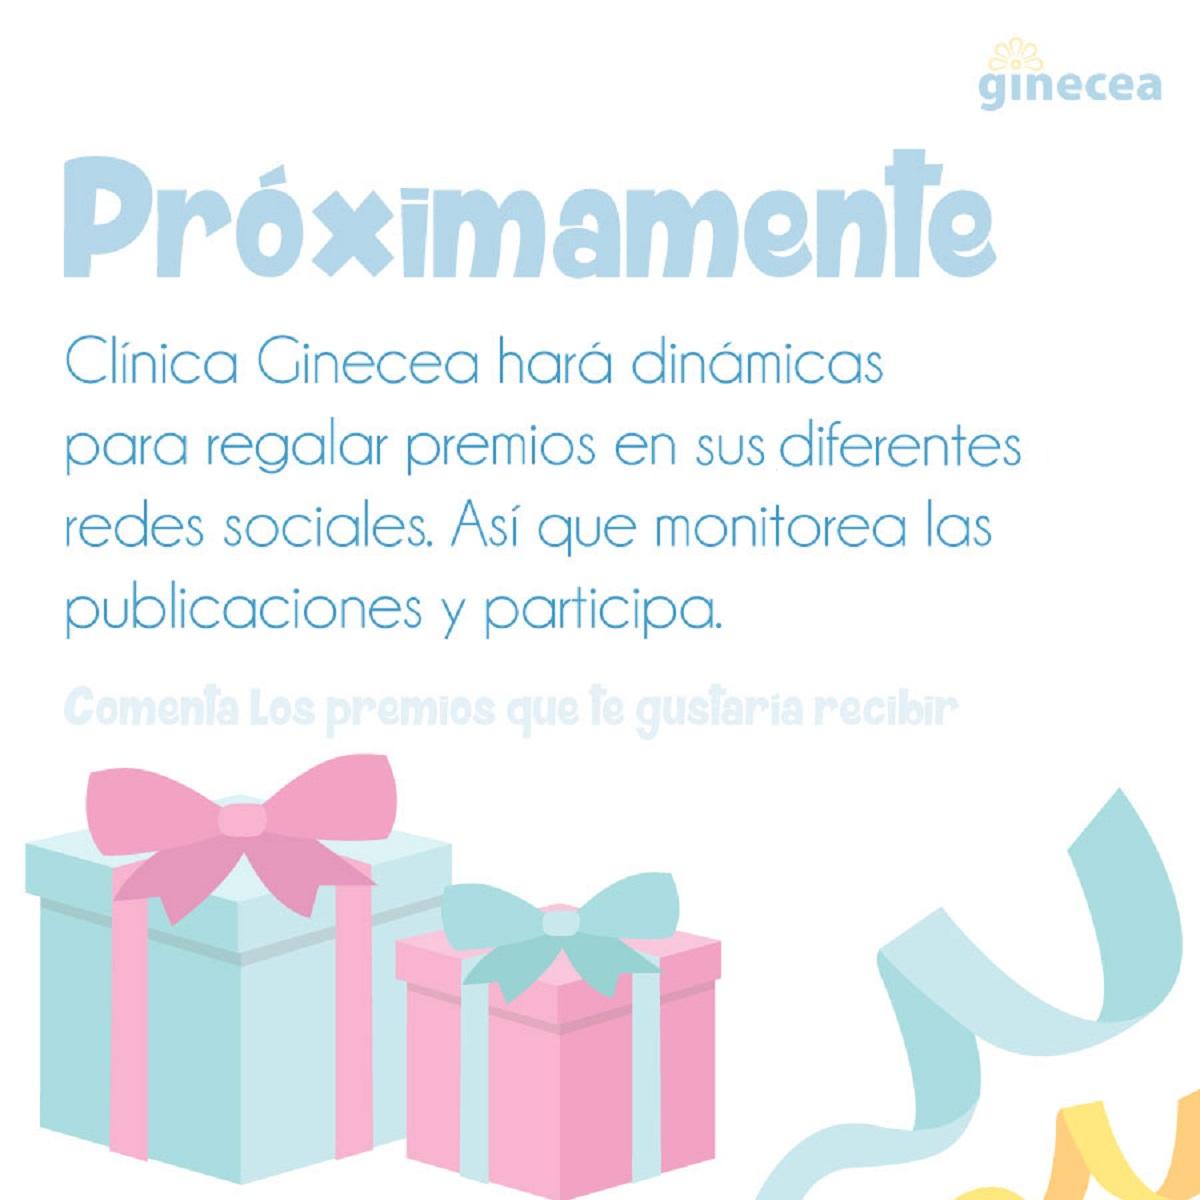 Clínica Ginecea hará dinámicas para regalar premios en su diferentes redes sociales. Así que monitorea las publicaciones y participa. Comenta los premios que te gustaría recibir.